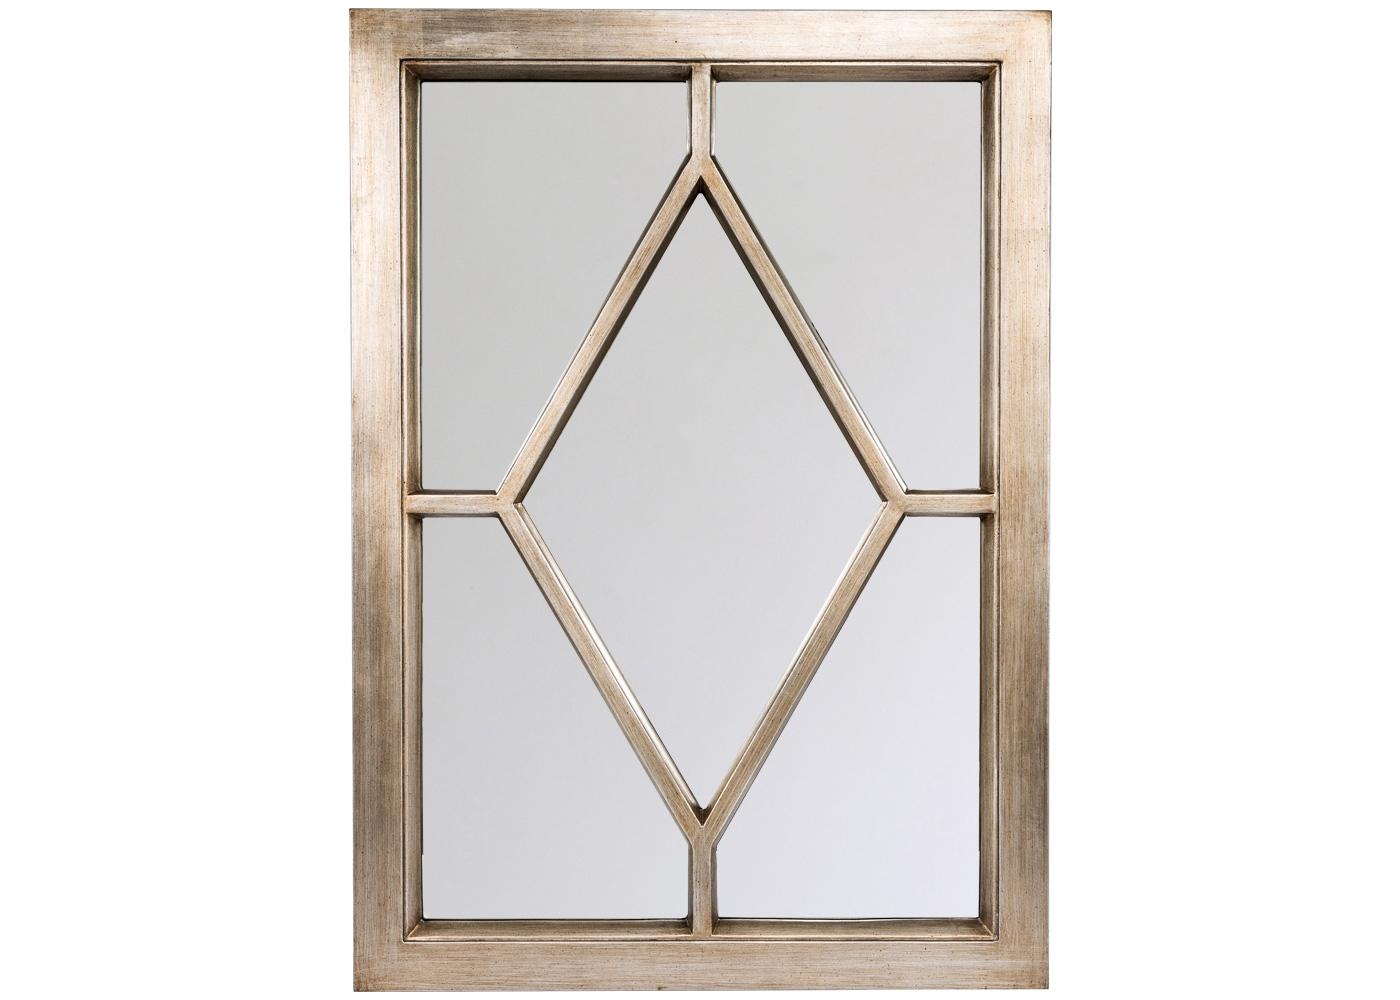 Настенное зеркало «Бедфорд»Настенные зеркала<br>Просторный размер зеркала &amp;quot;Бедфорд&amp;quot; соизмерим его широкому стилистическому диапазону. Строгая геометрия престижна для кельтского стиля и &amp;quot;модерна&amp;quot;, благоприятна английскому стилю, авангардным интерьерам &amp;quot;хай-тек&amp;quot; и &amp;quot;лофт&amp;quot;. Благородная прямоугольная база и матовый платиновый оттенок адресуют это зеркало любым домашним помещениям. Рама изготовлена из полиуретана, который достоверно имитирует любые материалы. На первый взгляд, оправа &amp;quot;Бедфорд&amp;quot; не отличается от металлической.<br><br>Material: Полиуретан<br>Ширина см: 76<br>Высота см: 107<br>Глубина см: 3.5